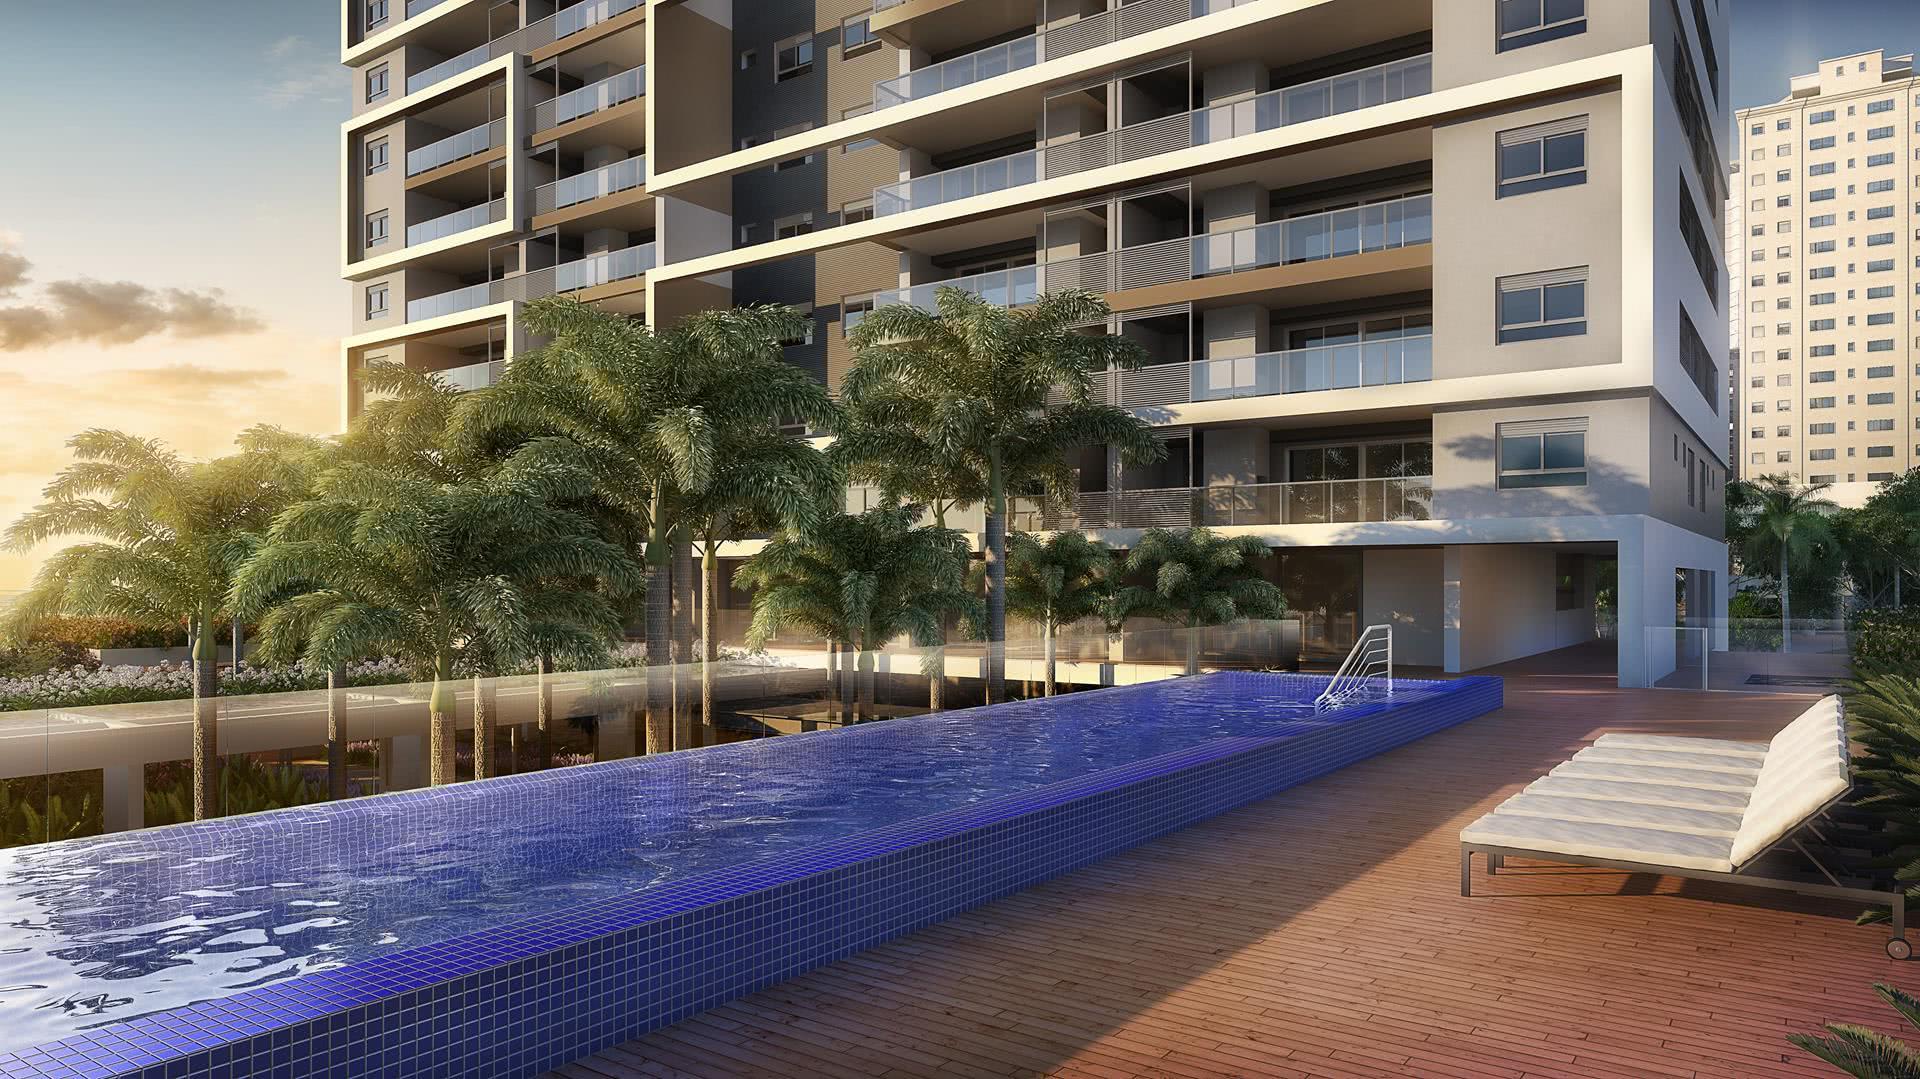 Les développements résidentiels utilisent également cette option moderne dans leur zone de loisirs.